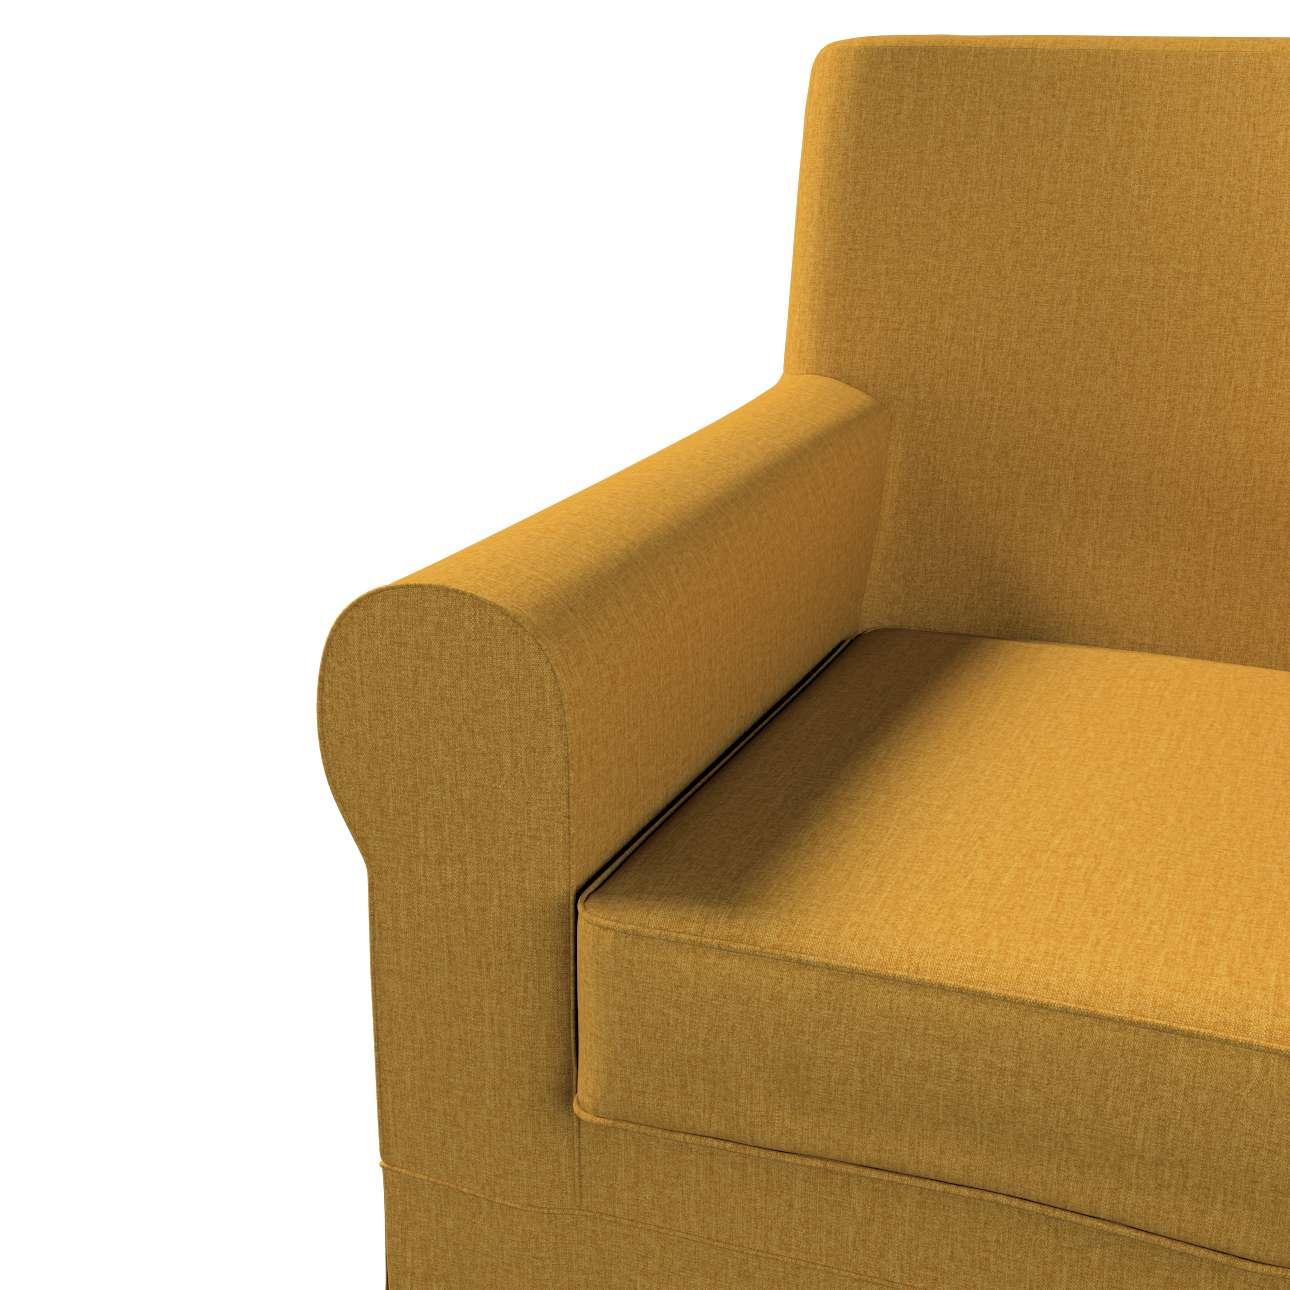 Pokrowiec na fotel Ektorp Jennylund w kolekcji City, tkanina: 704-82